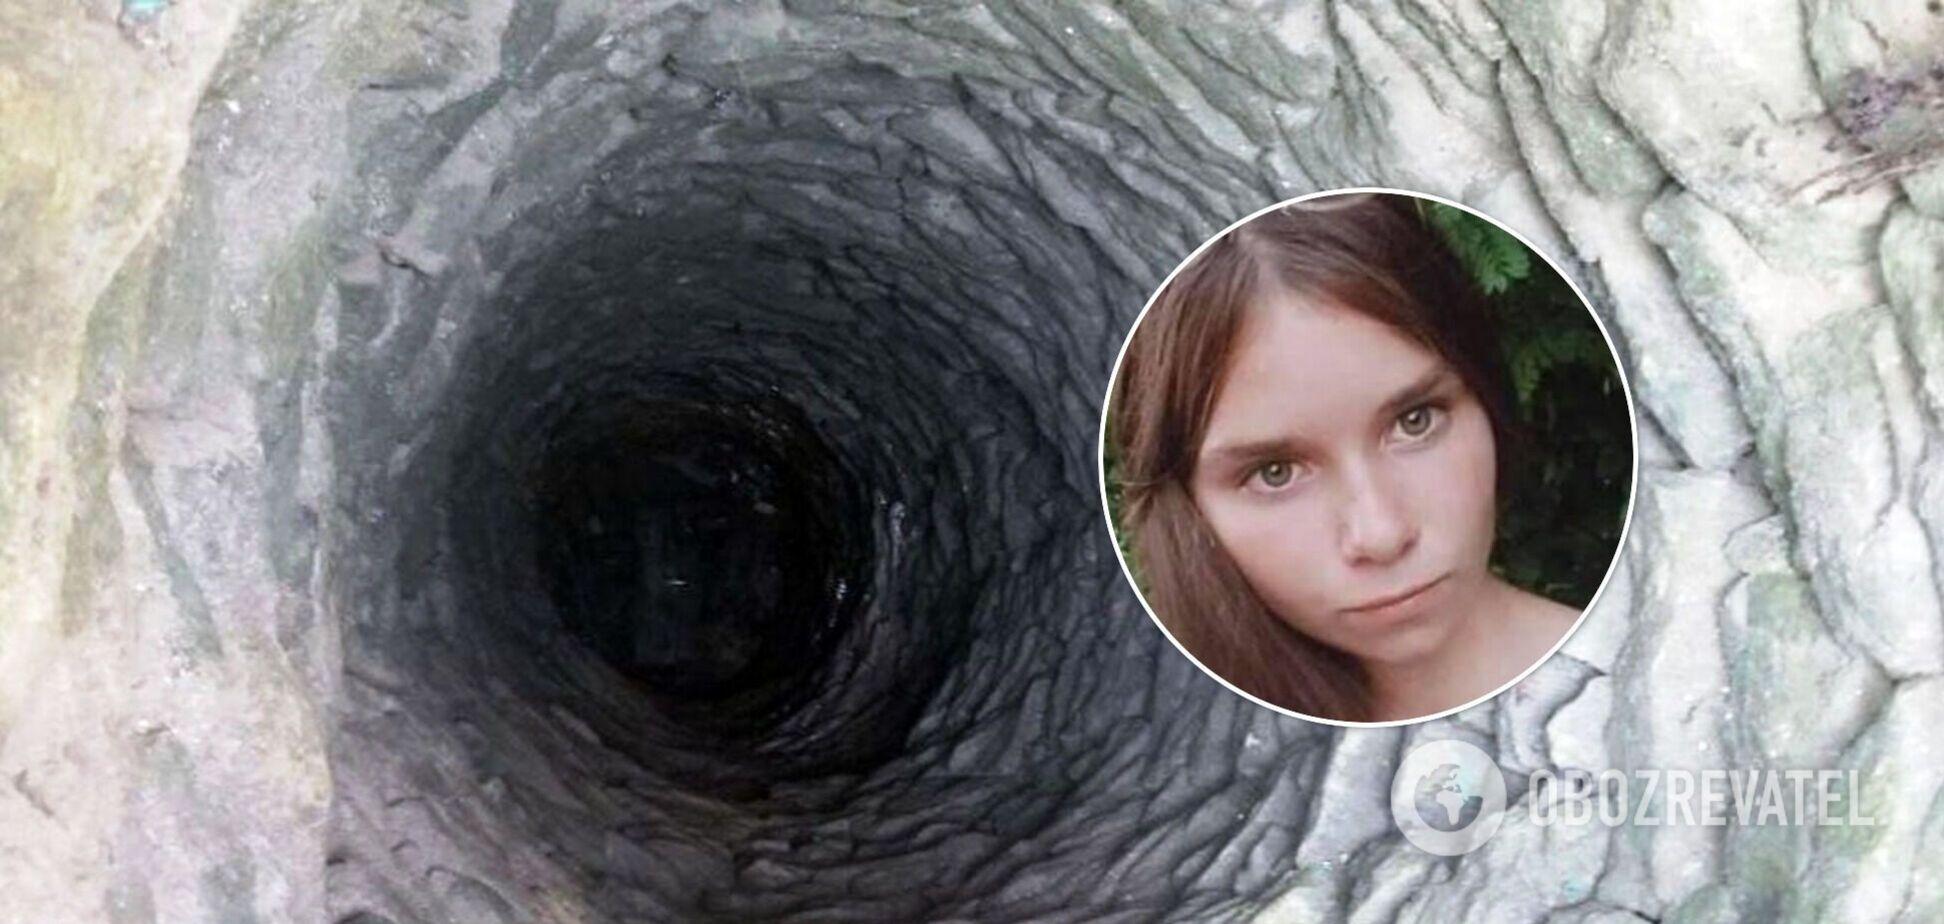 Під Кропивницьким зниклу 16-річну дівчину знайшли мертвою в колодязі. Фото і деталі трагедії